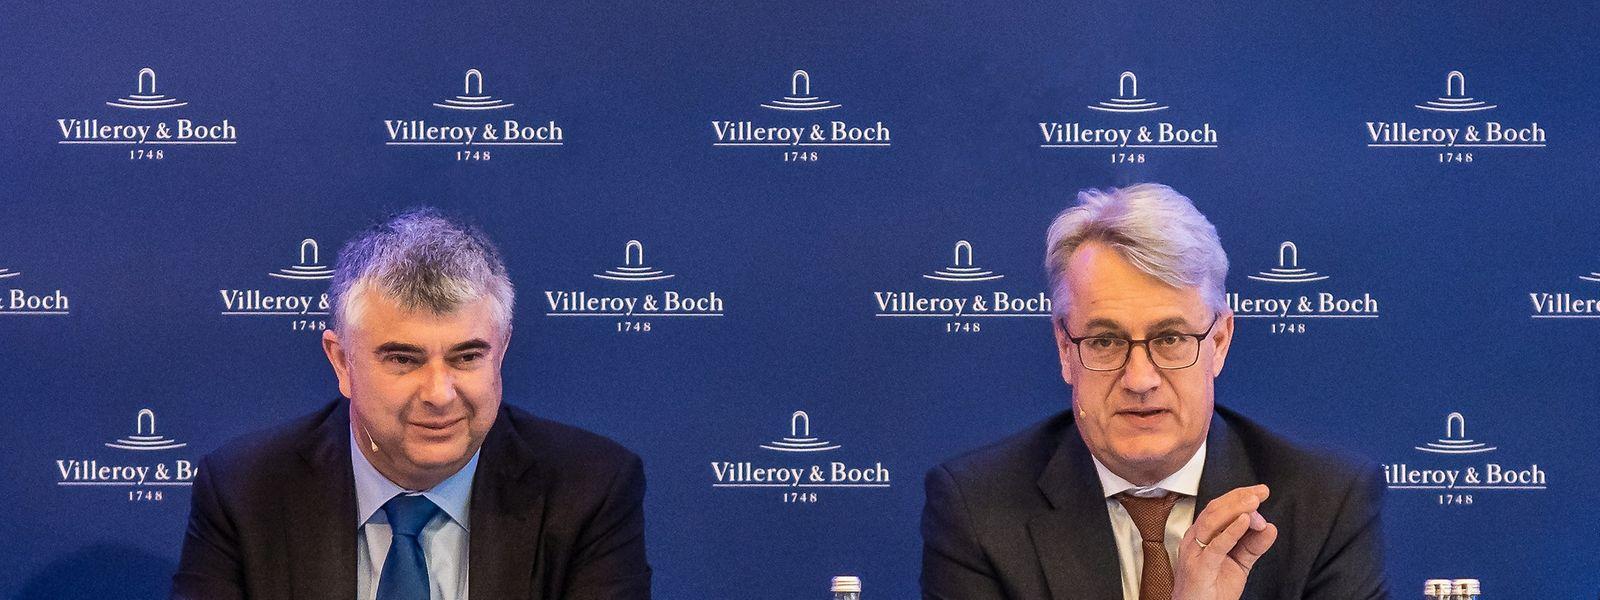 Finanzvorstand Markus Warncke (links) und Vorstandsvorsitzender Frank Göring (rechts) präsentierten am Donnerstag die Geschäftsdaten des vergangenen Jahres.